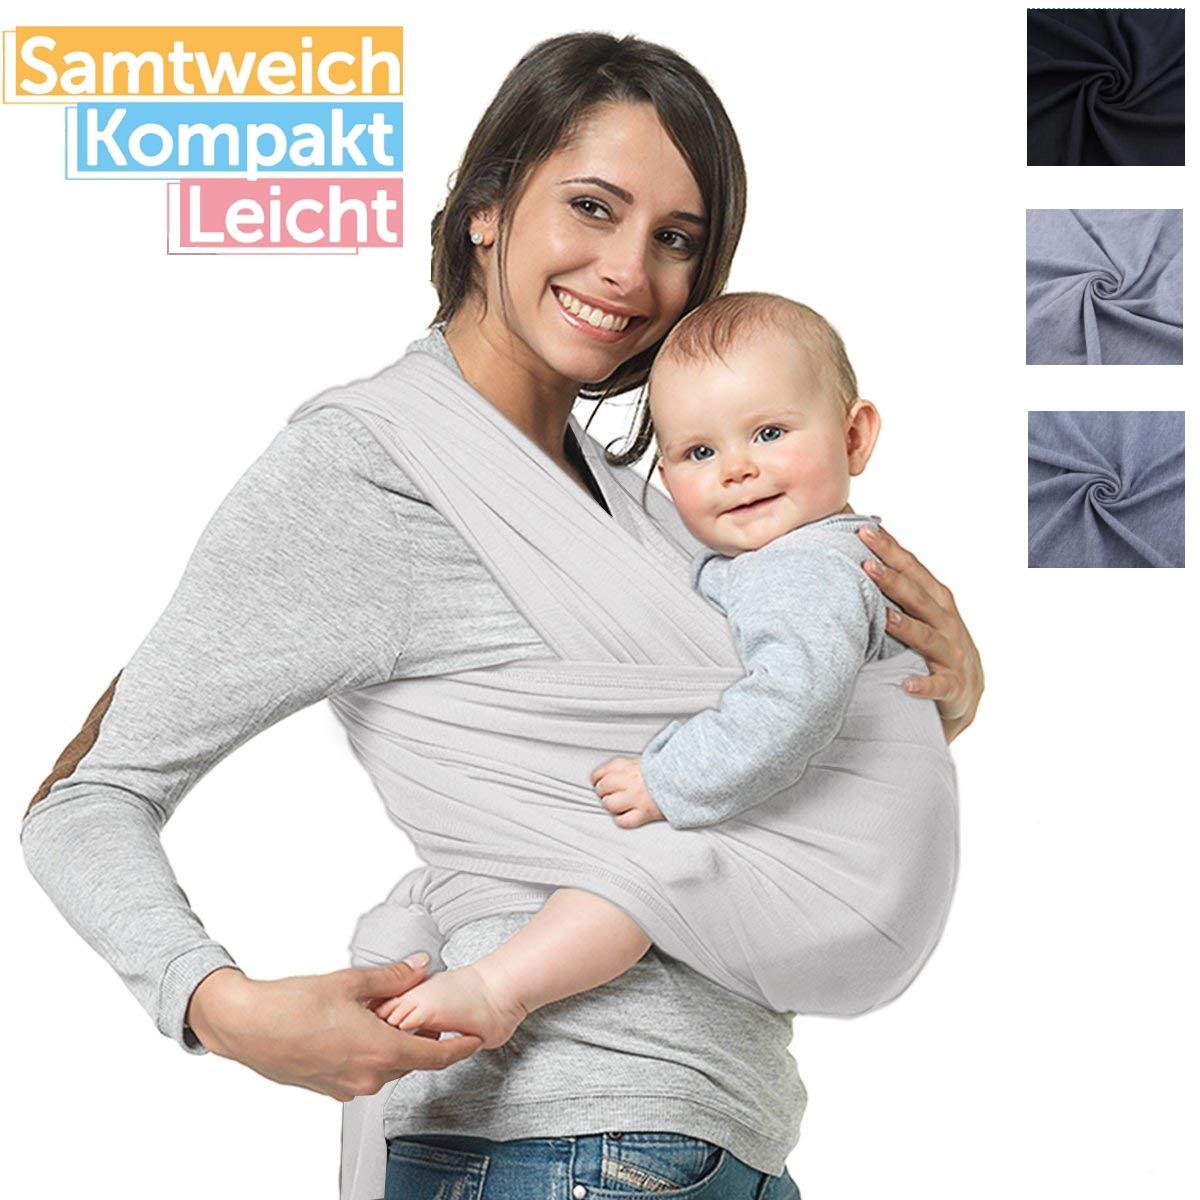 5M Tragetuch Babytragetuch Bauchtrage Babytrage Baby Kinder bis 20kg Baumwolle